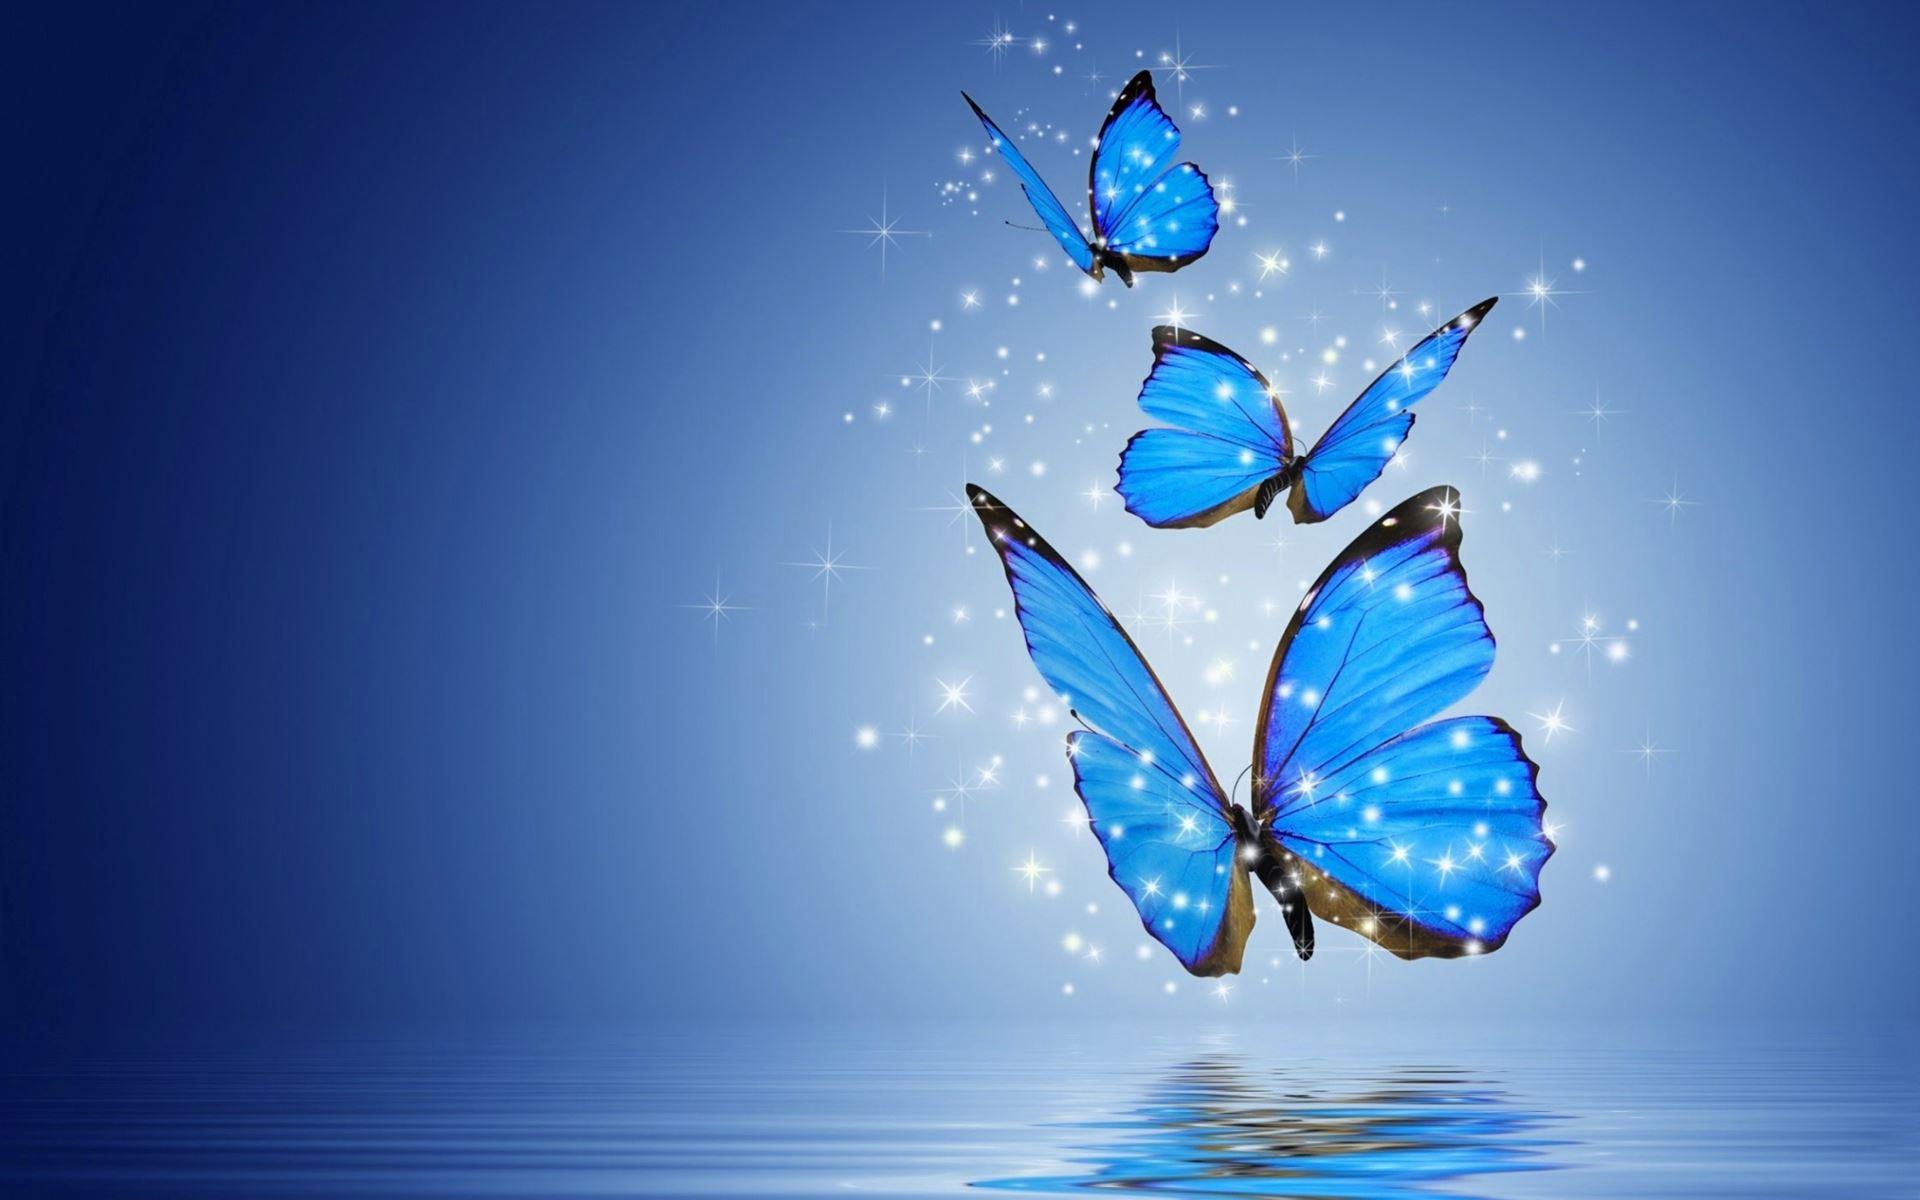 Hình nền những chú bướm 3D đẹp cho máy tính